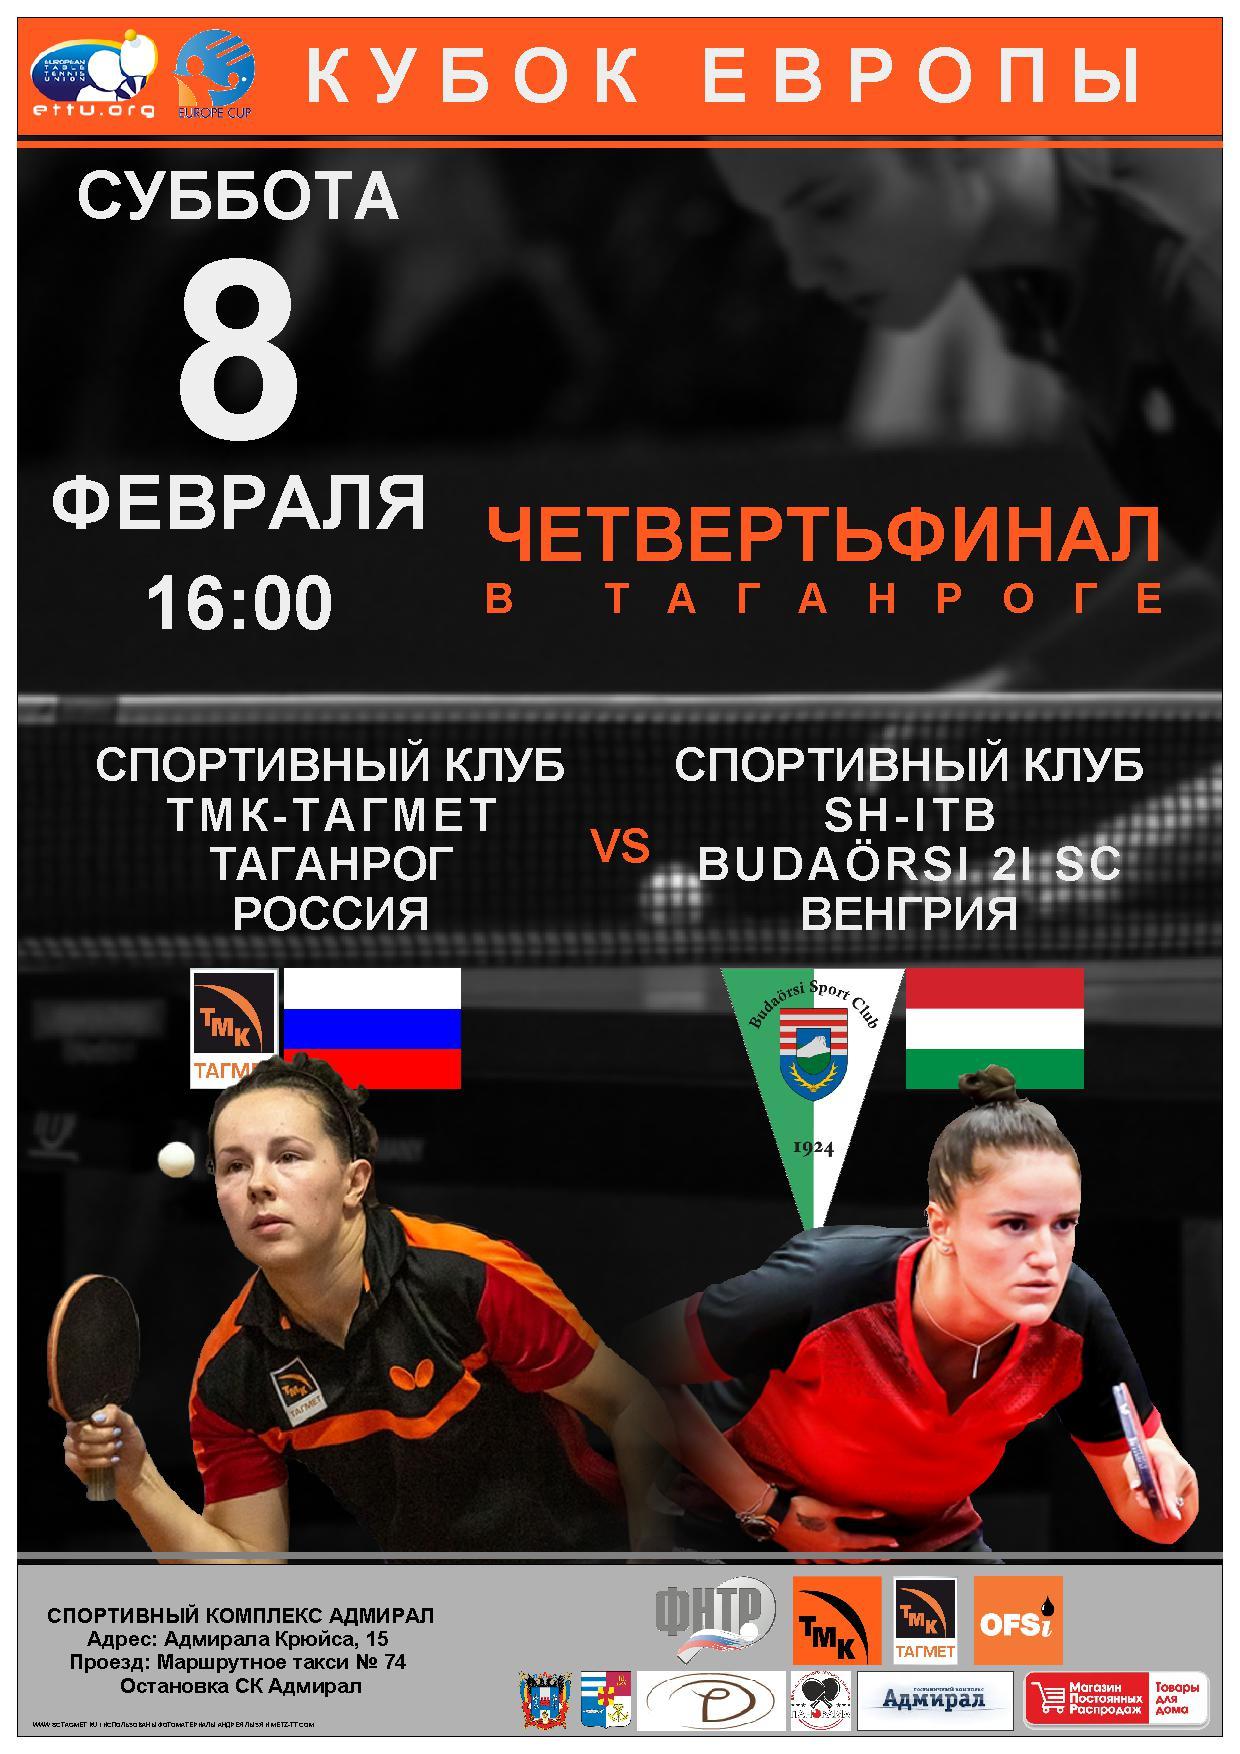 You are currently viewing Кубок Европы, четвертьфинал! В Таганроге! 08.02.20